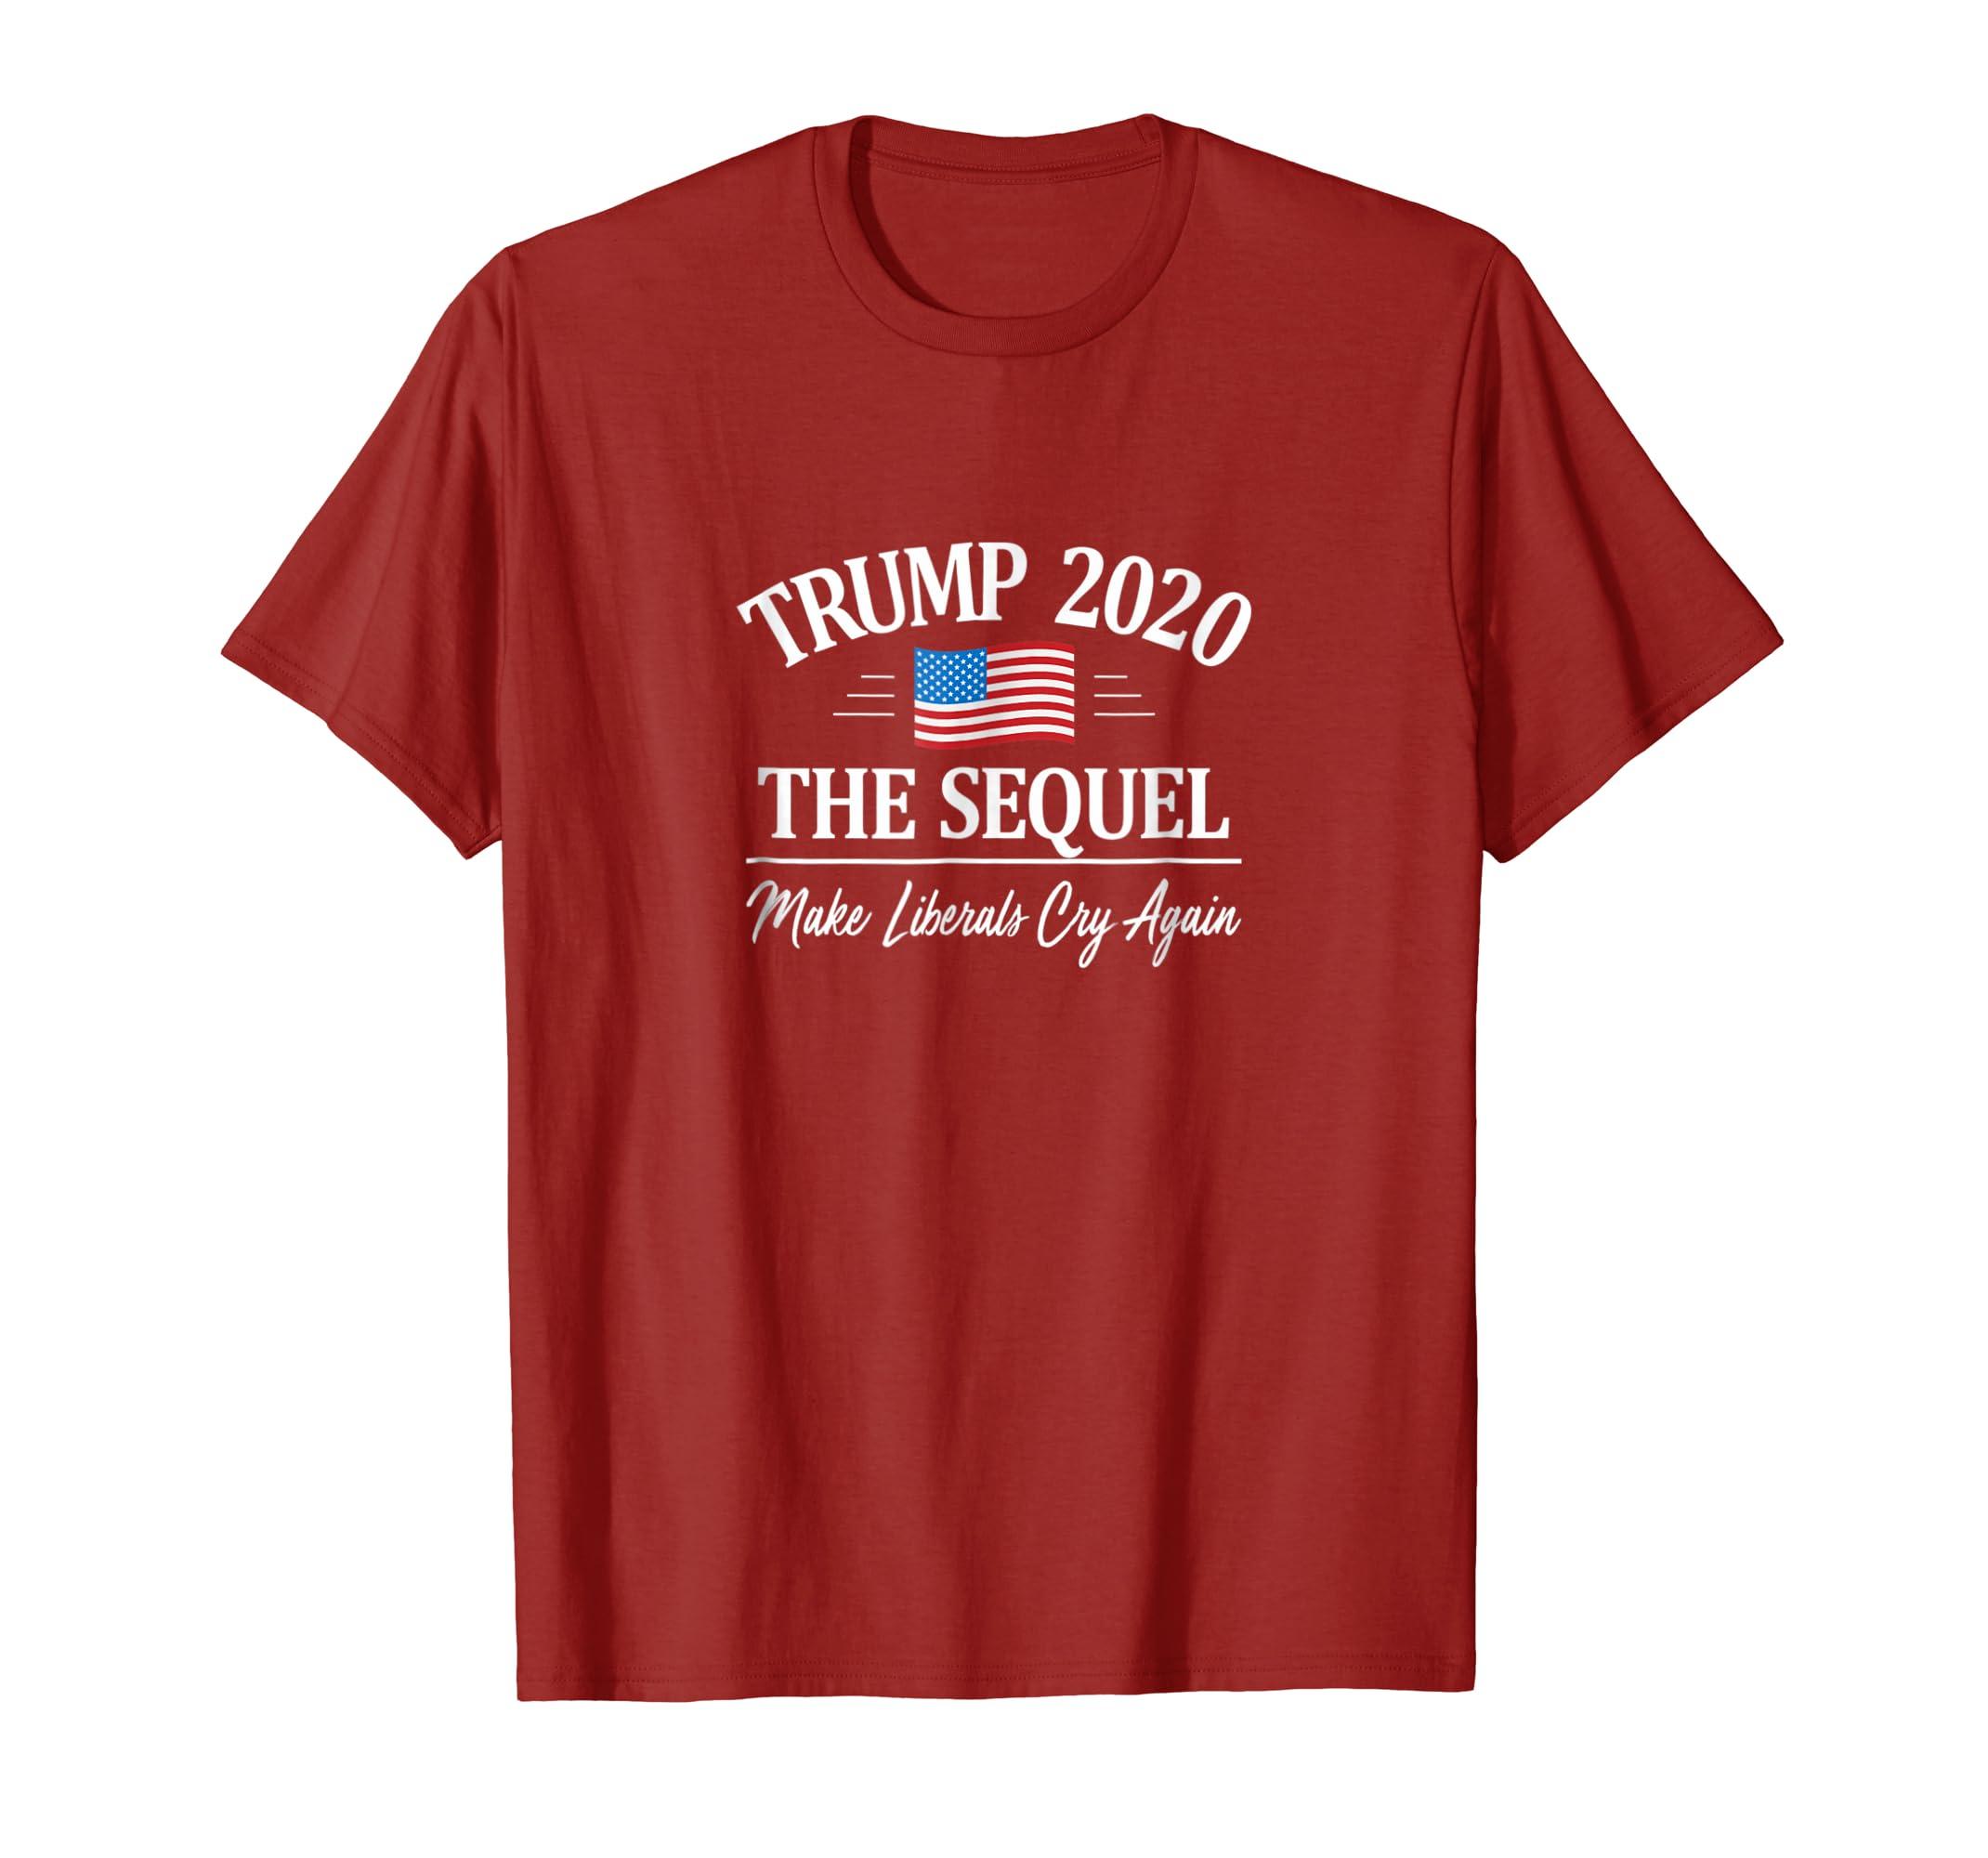 84fb72e6 Trump 2020 The Sequel Make Liberals Cry Again Shirt-Bawle – Bawle.com